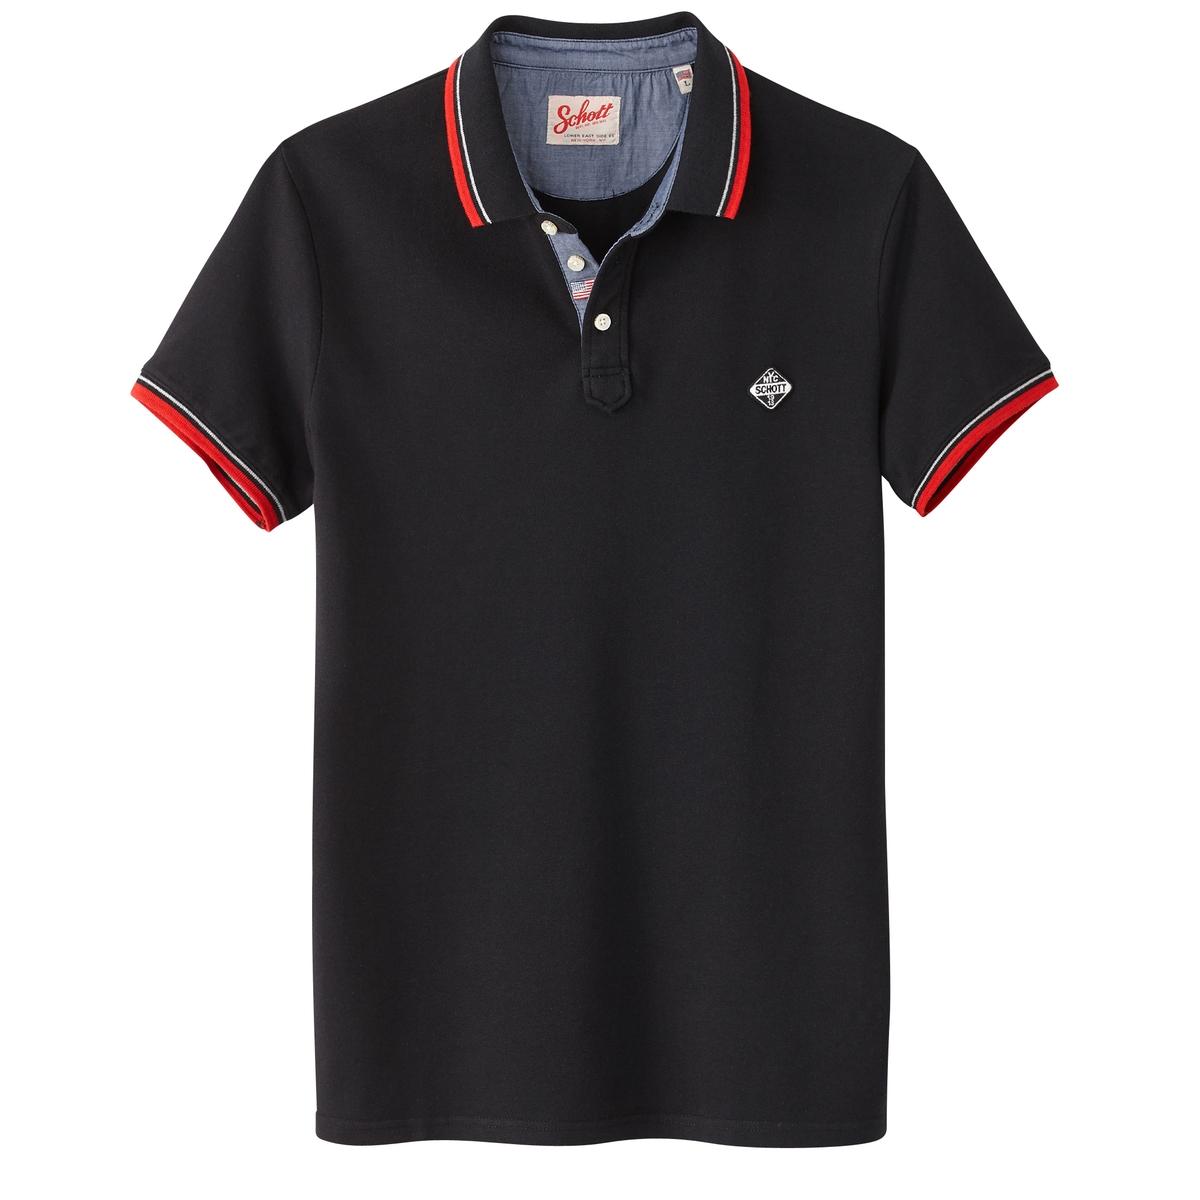 Футболка-поло с короткими рукавами PS Harbour из трикотажа пике футболка поло в полоску из трикотажа пике